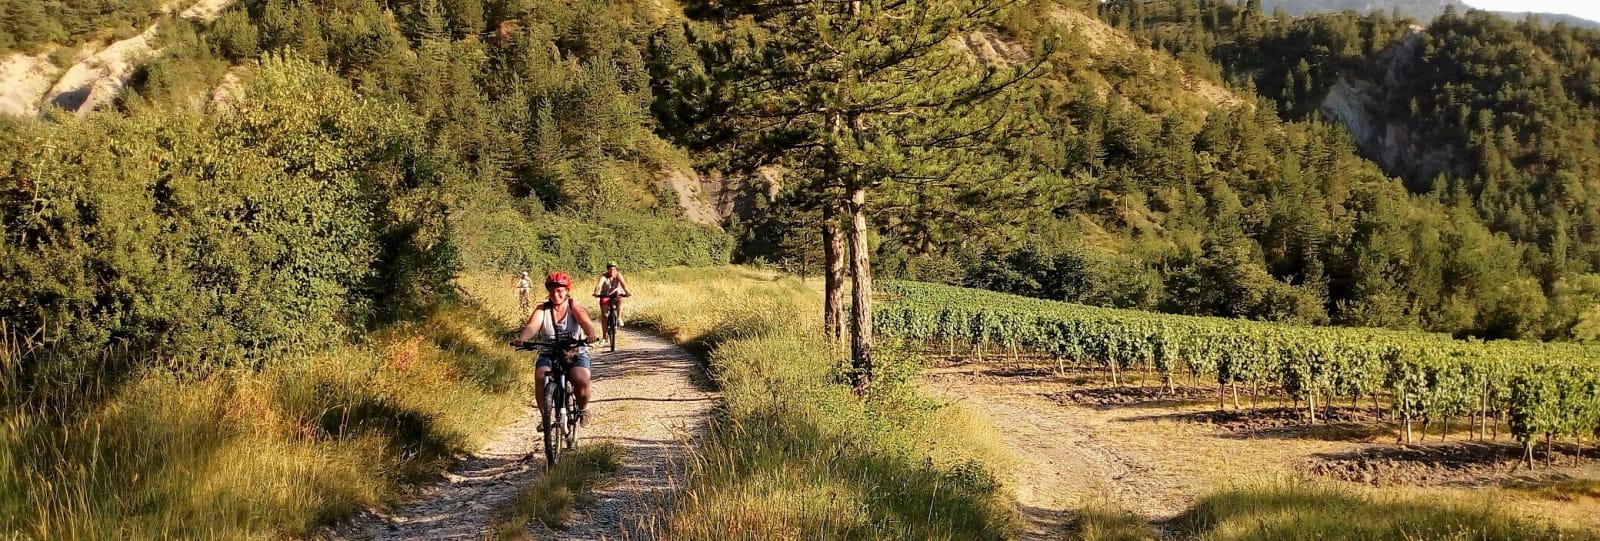 Balade guidée à vélo électrique - Villages perchés de la vallée de la Drôme avec BEcyclette